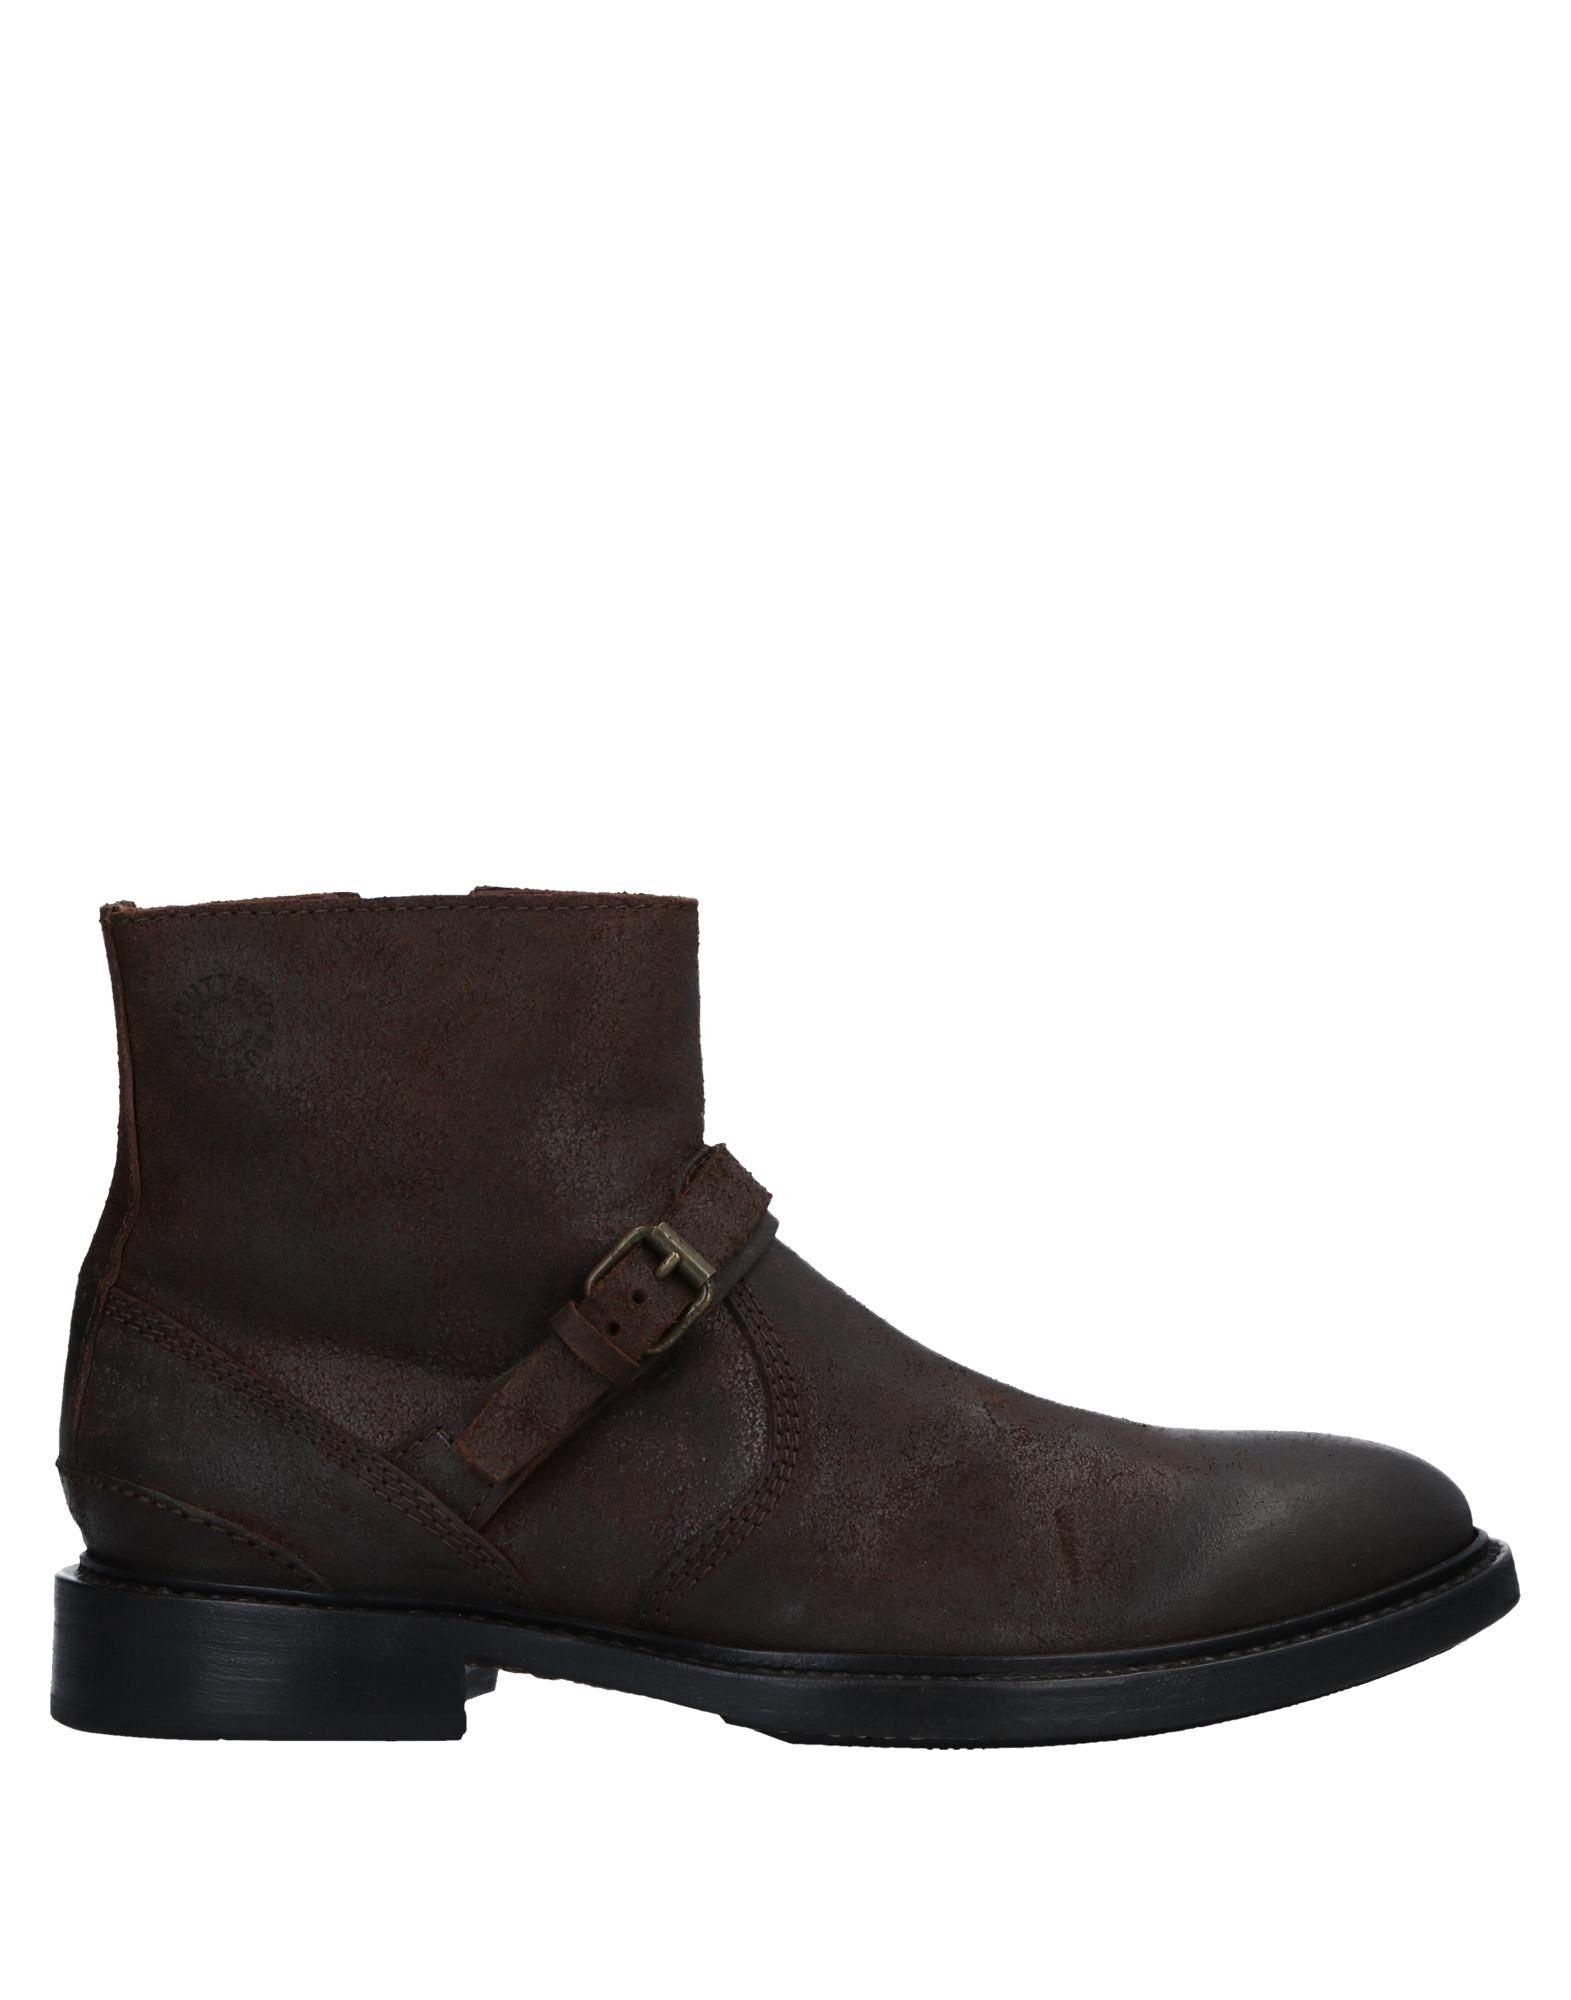 Buttero® Stiefelette Herren  11534776AK Gute Qualität beliebte Schuhe